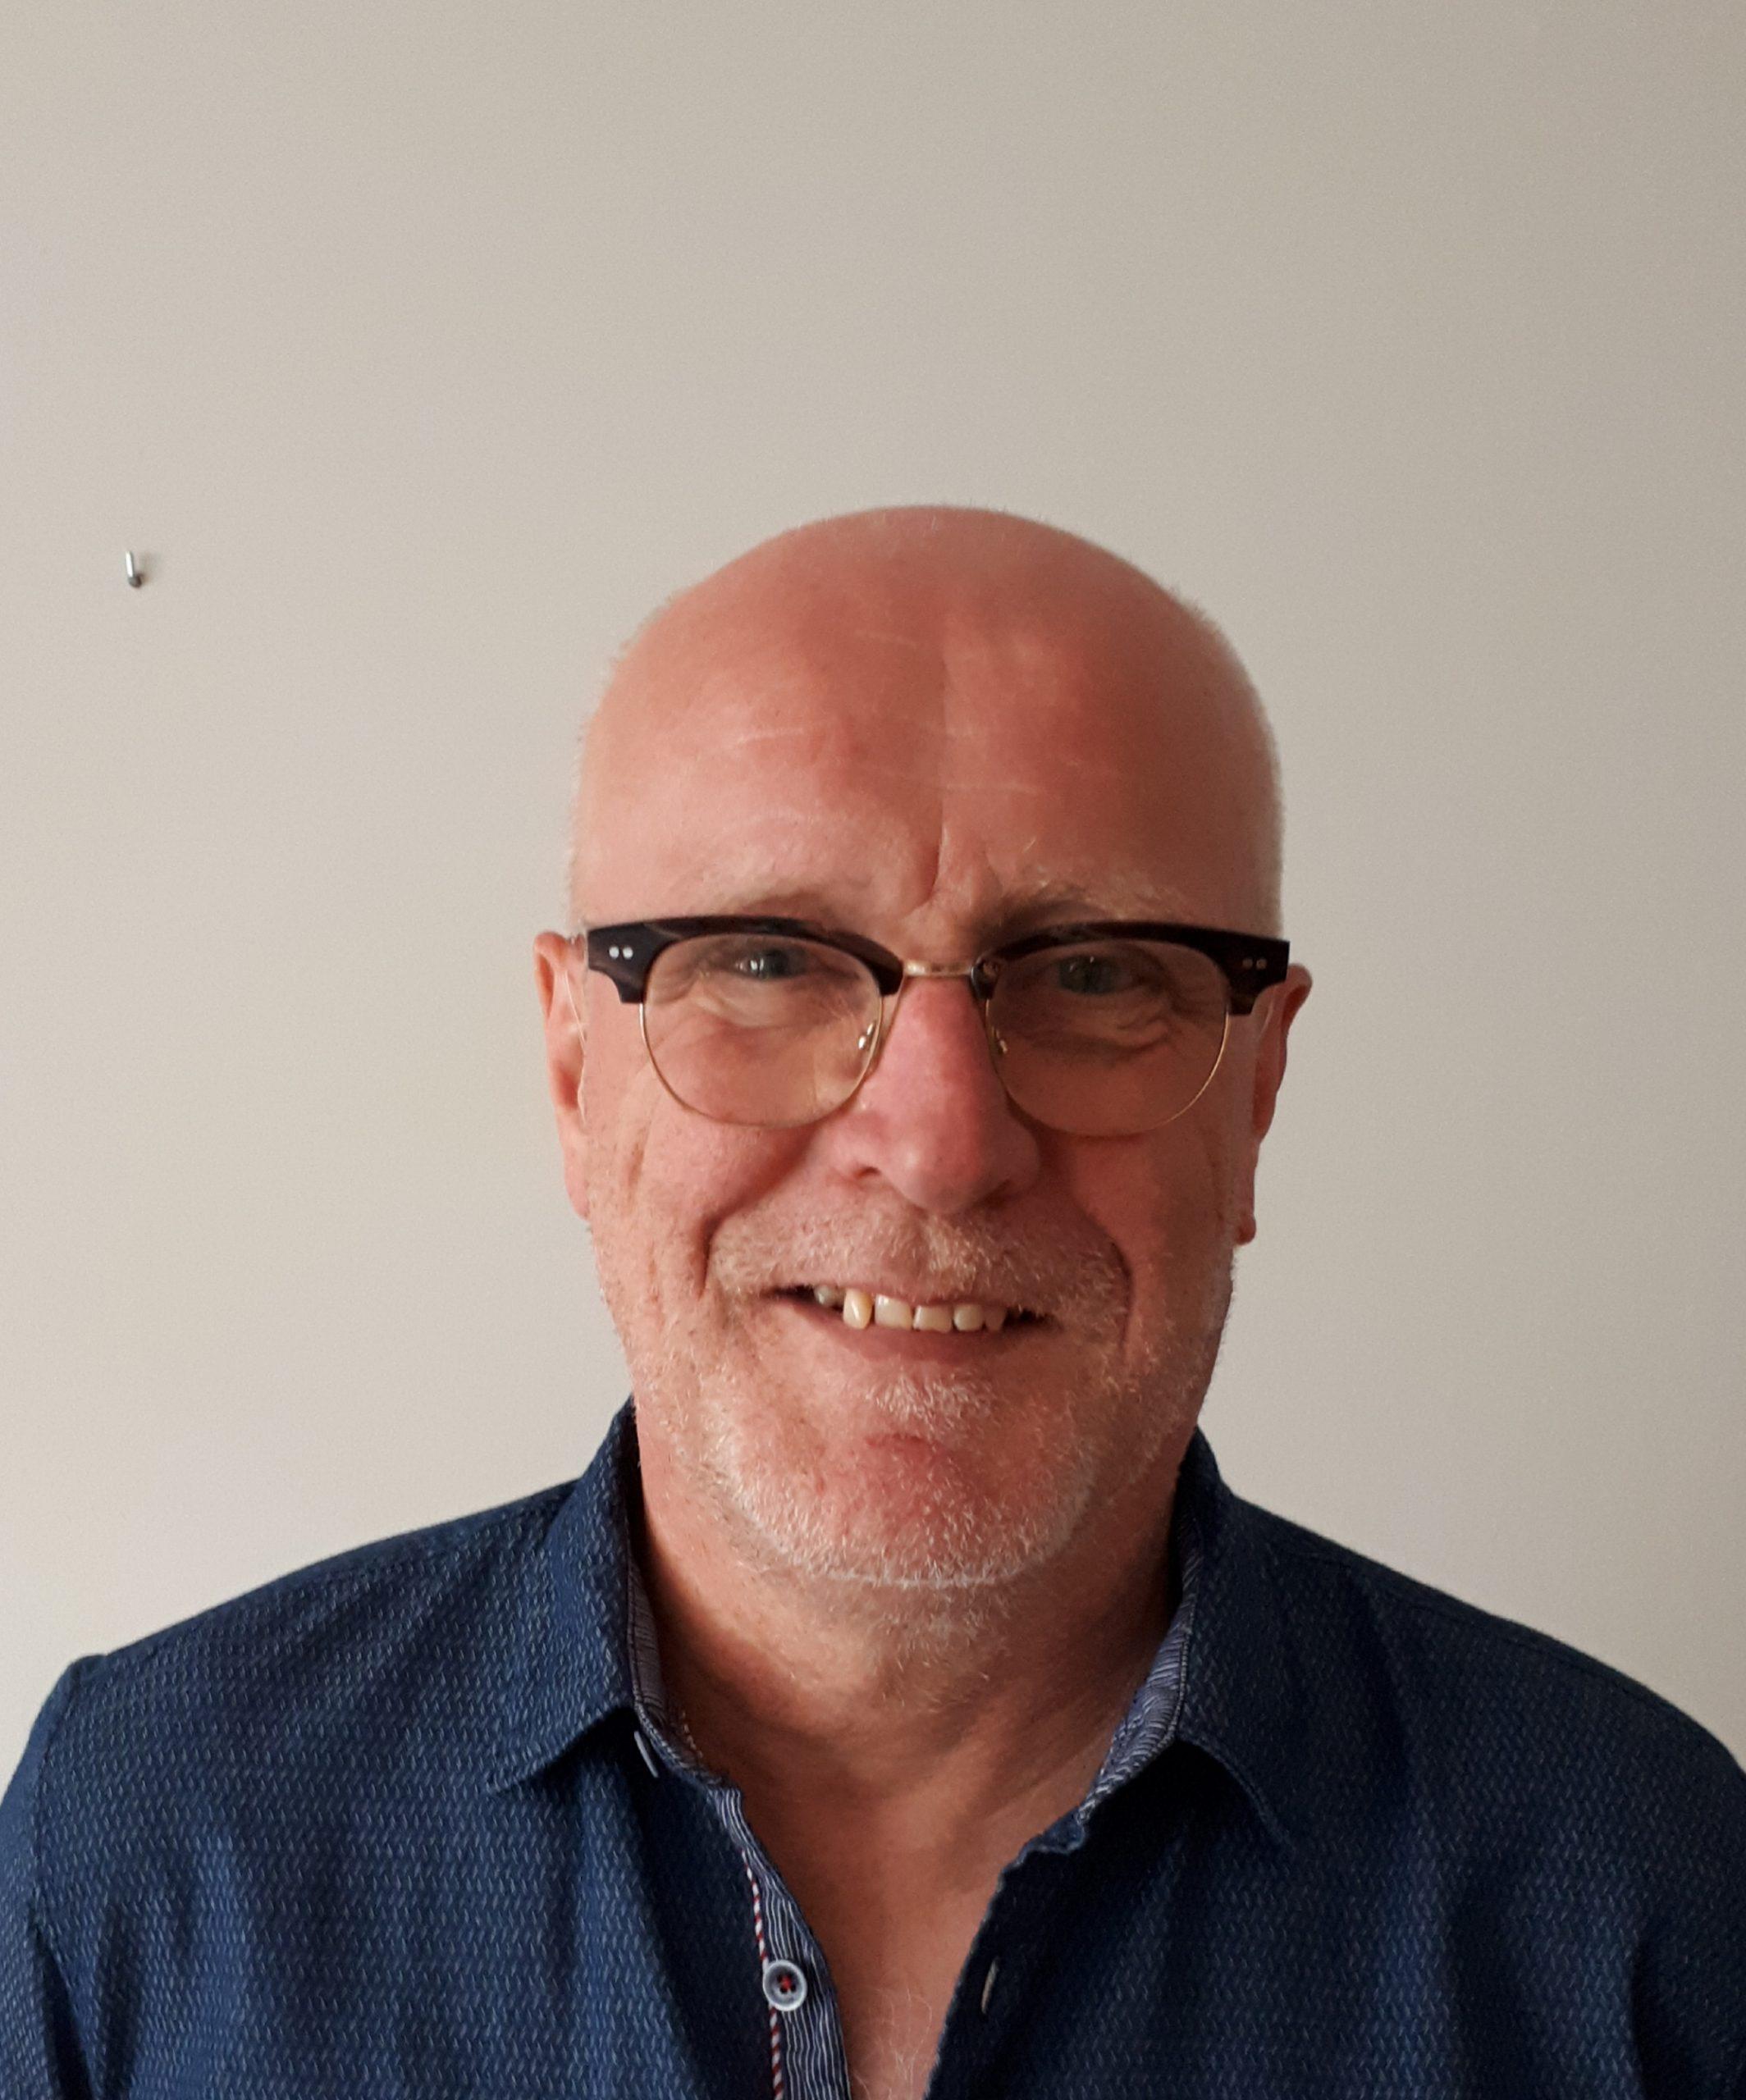 Pieter Goossens